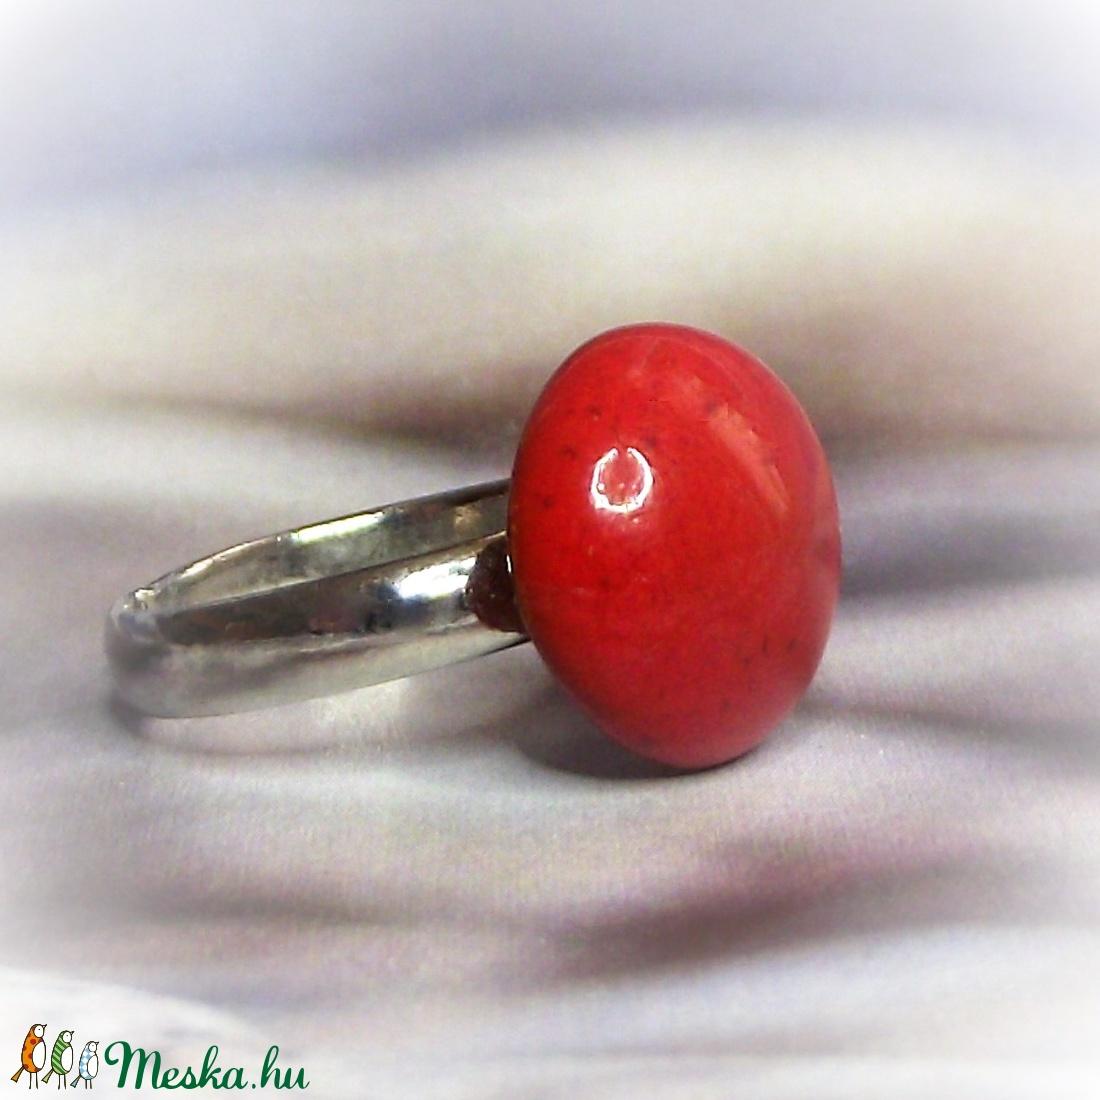 Piros kerámia gyűrű kislányoknak - Gyermek ékszer - Gyermekgyűrű  - ékszer - gyűrű - szoliter gyűrű - Meska.hu